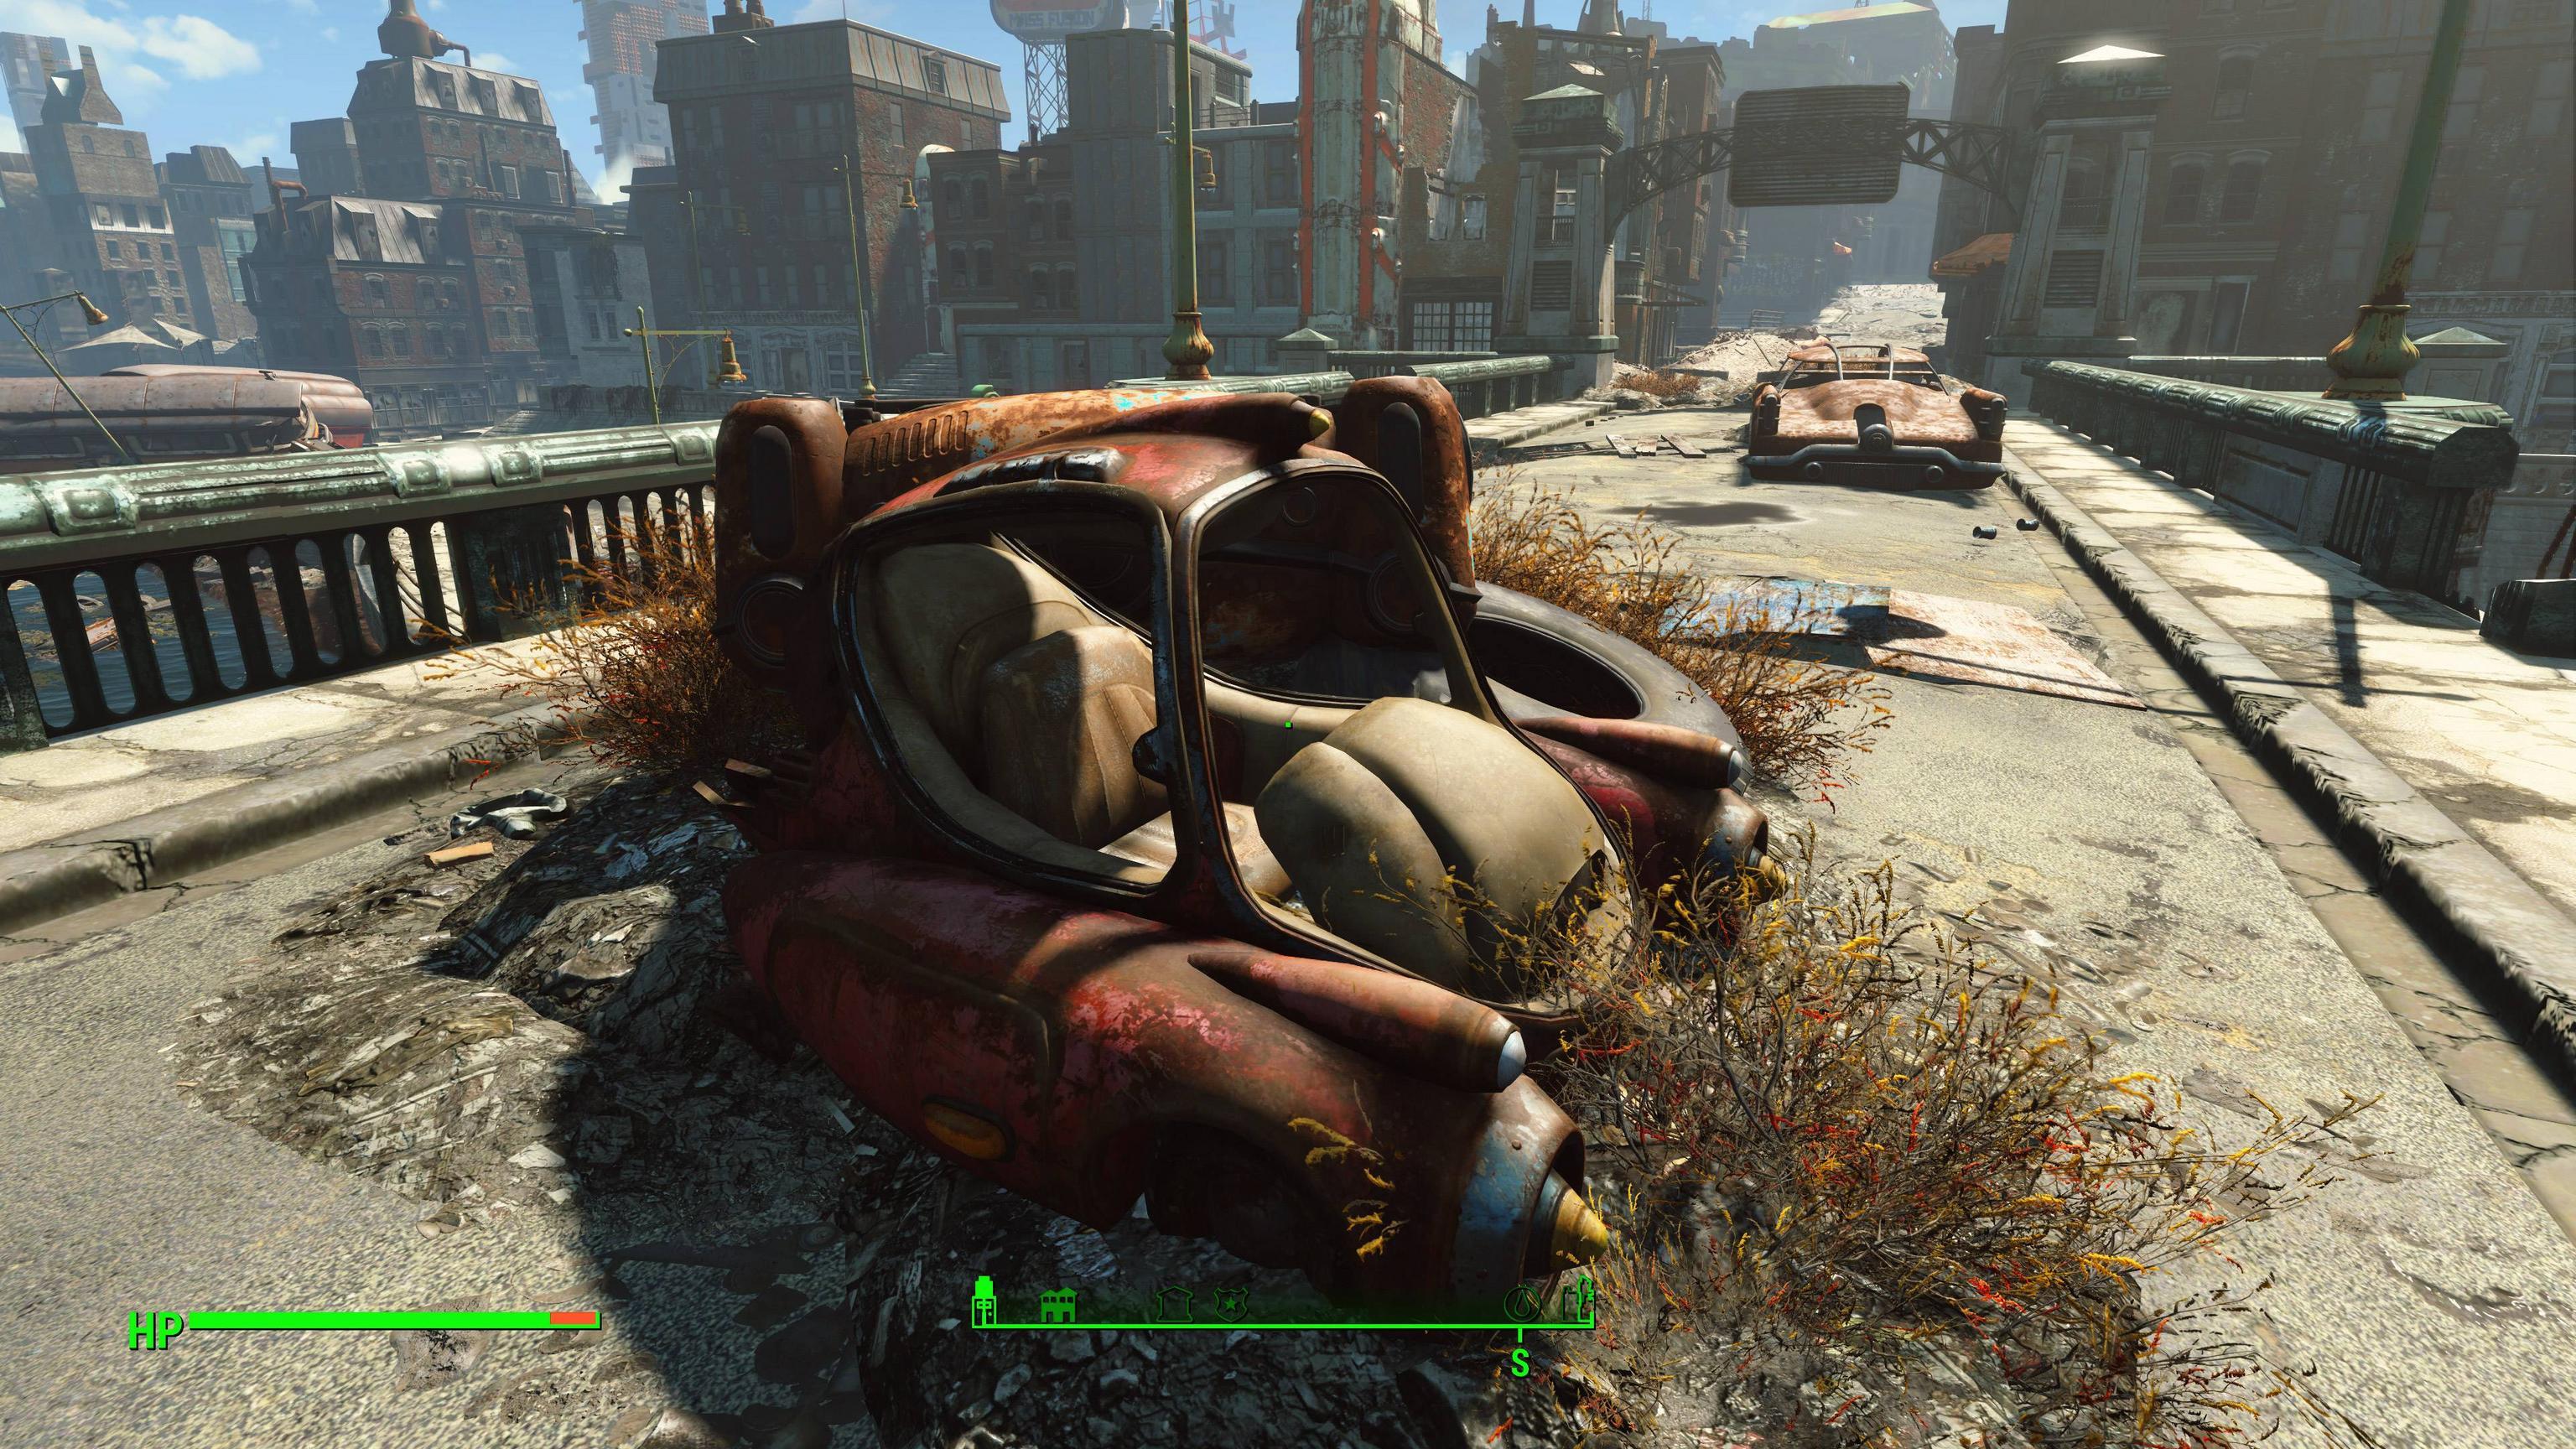 PC verzi Falloutu 4 můžete obohatit o textury ve vysokém rozlišení 138018